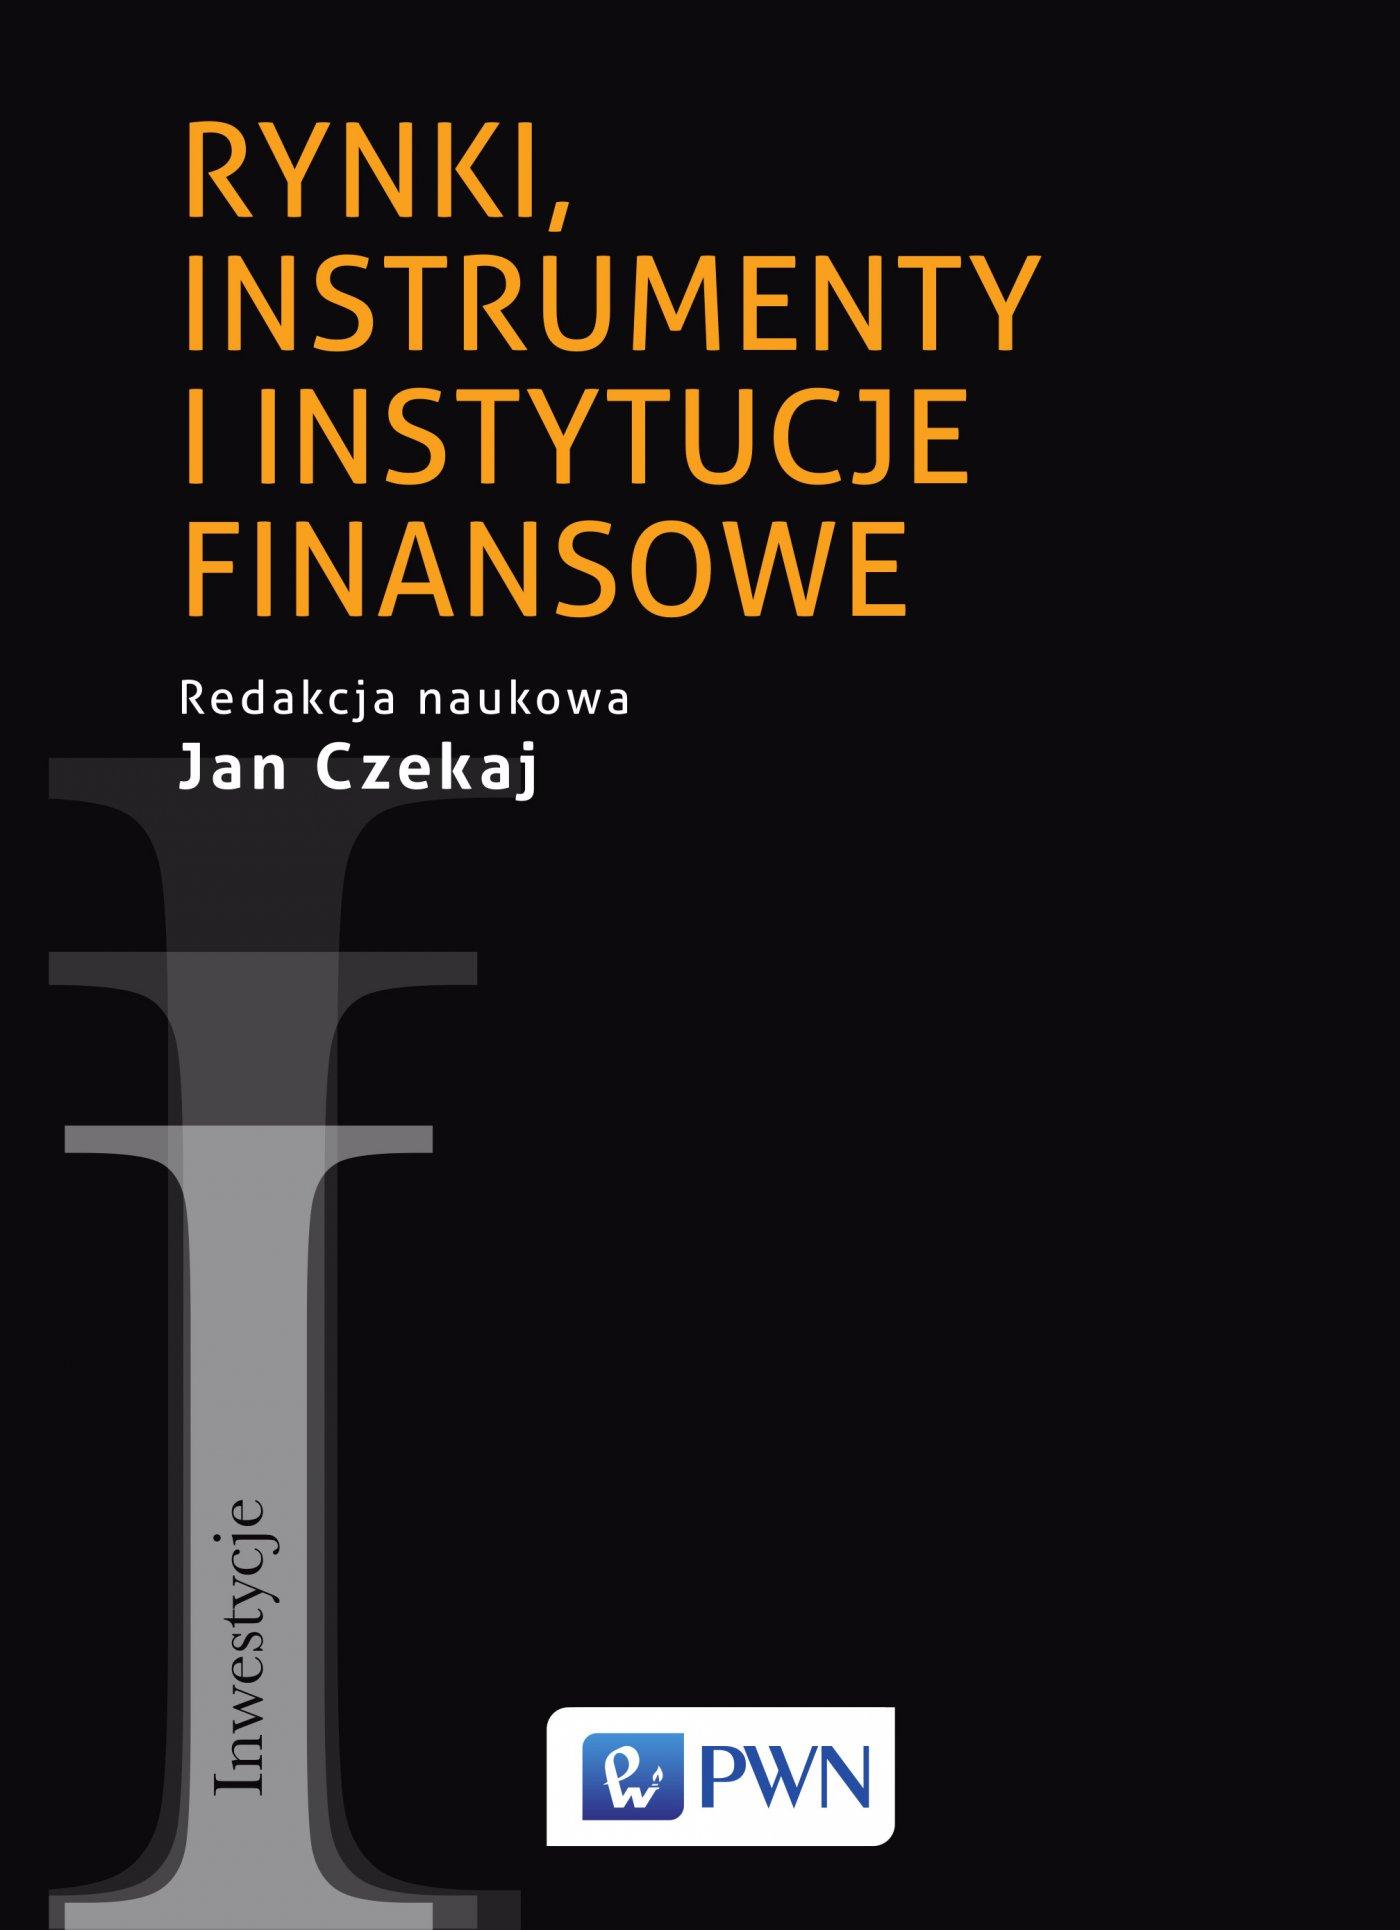 Rynki, instrumenty i instytucje finansowe - Ebook (Książka na Kindle) do pobrania w formacie MOBI